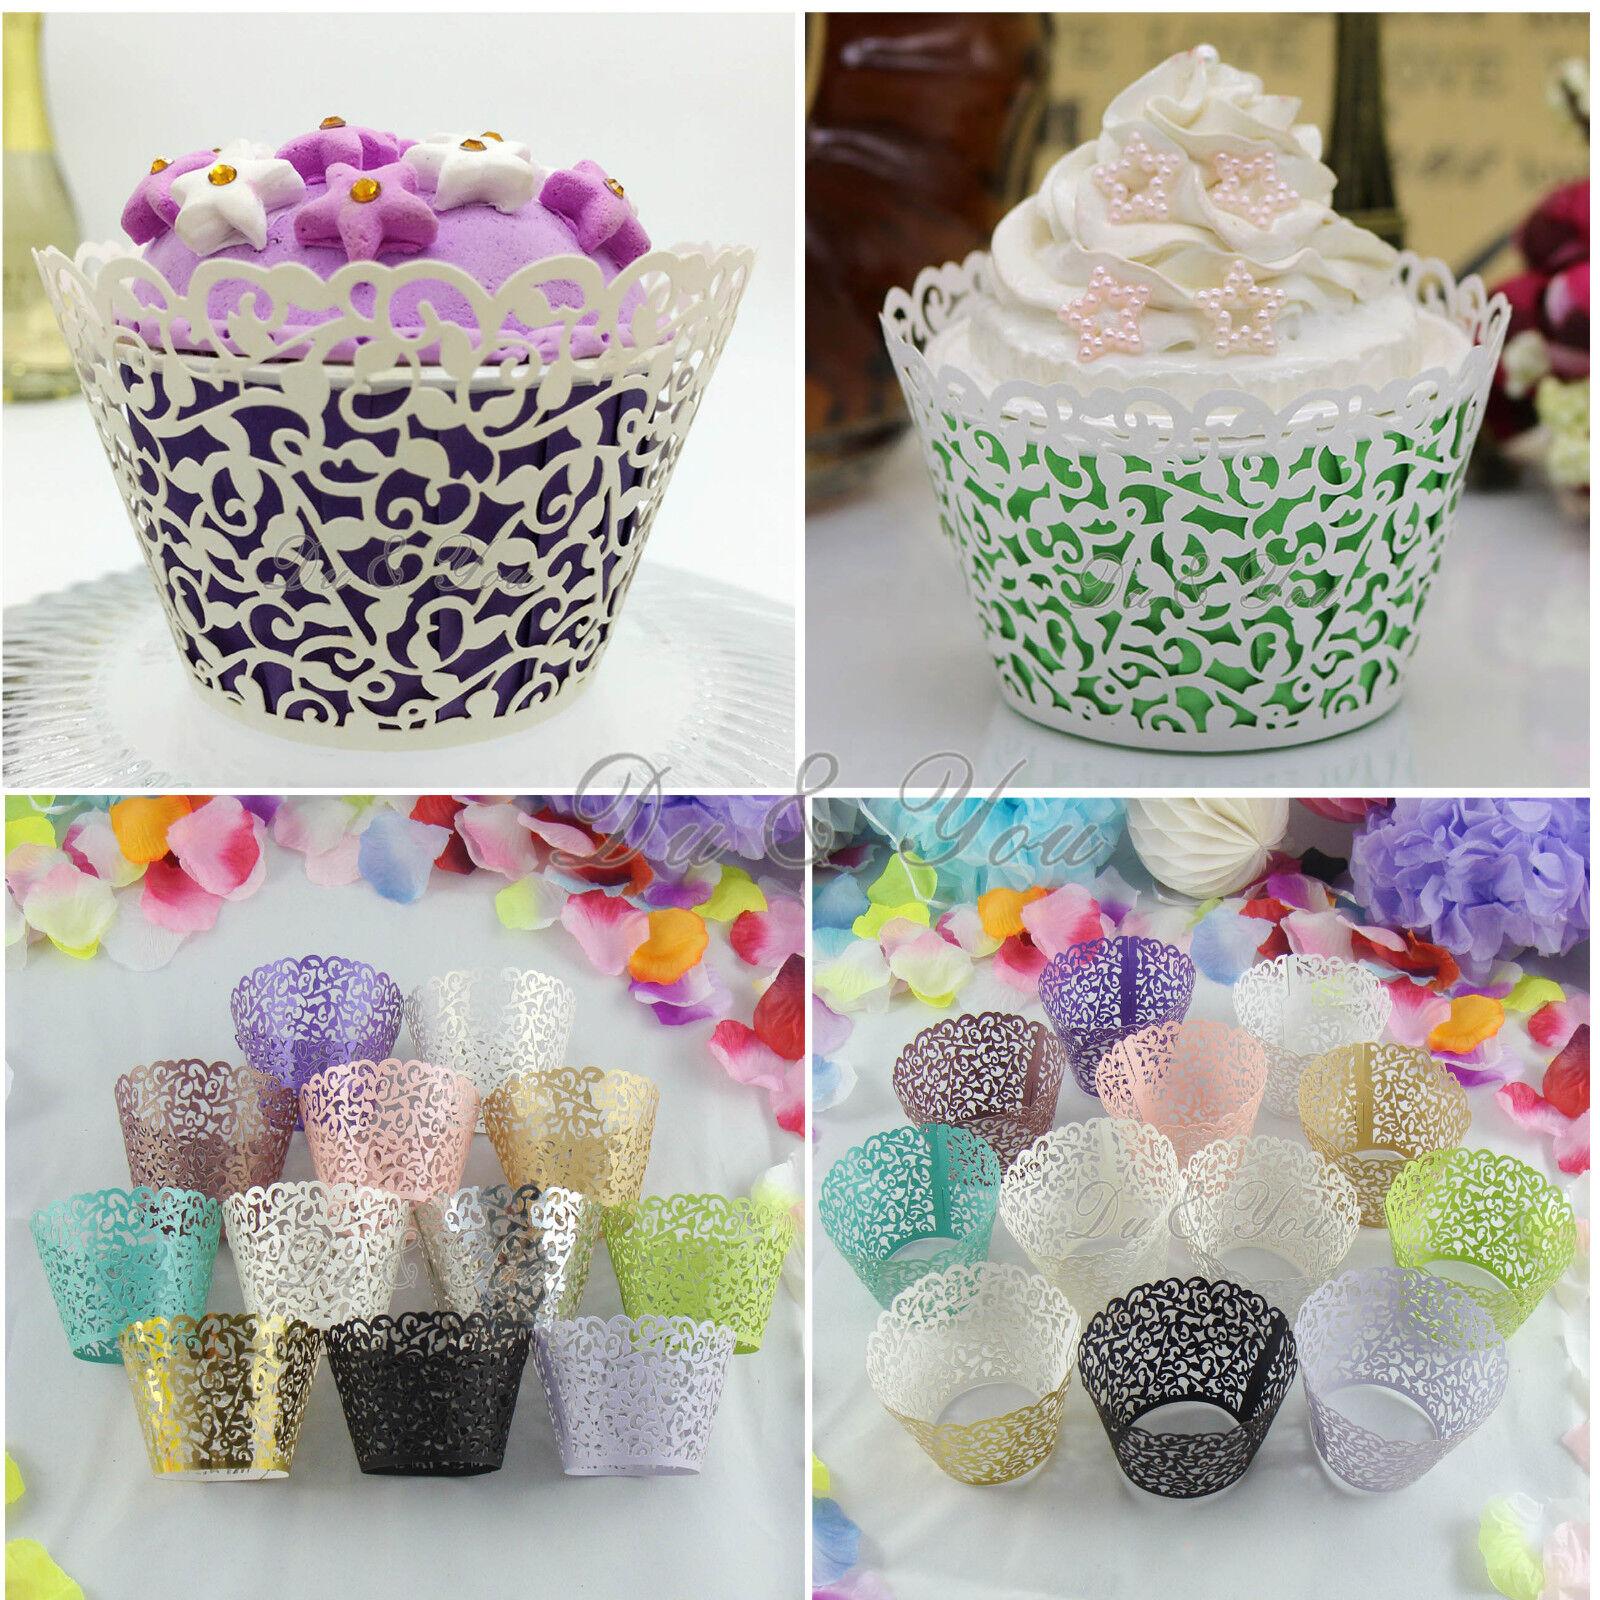 Muffin Hüllen Papierförmchen Cupcake Wrapper Förmchen Kuchen Verpackung Deko neu